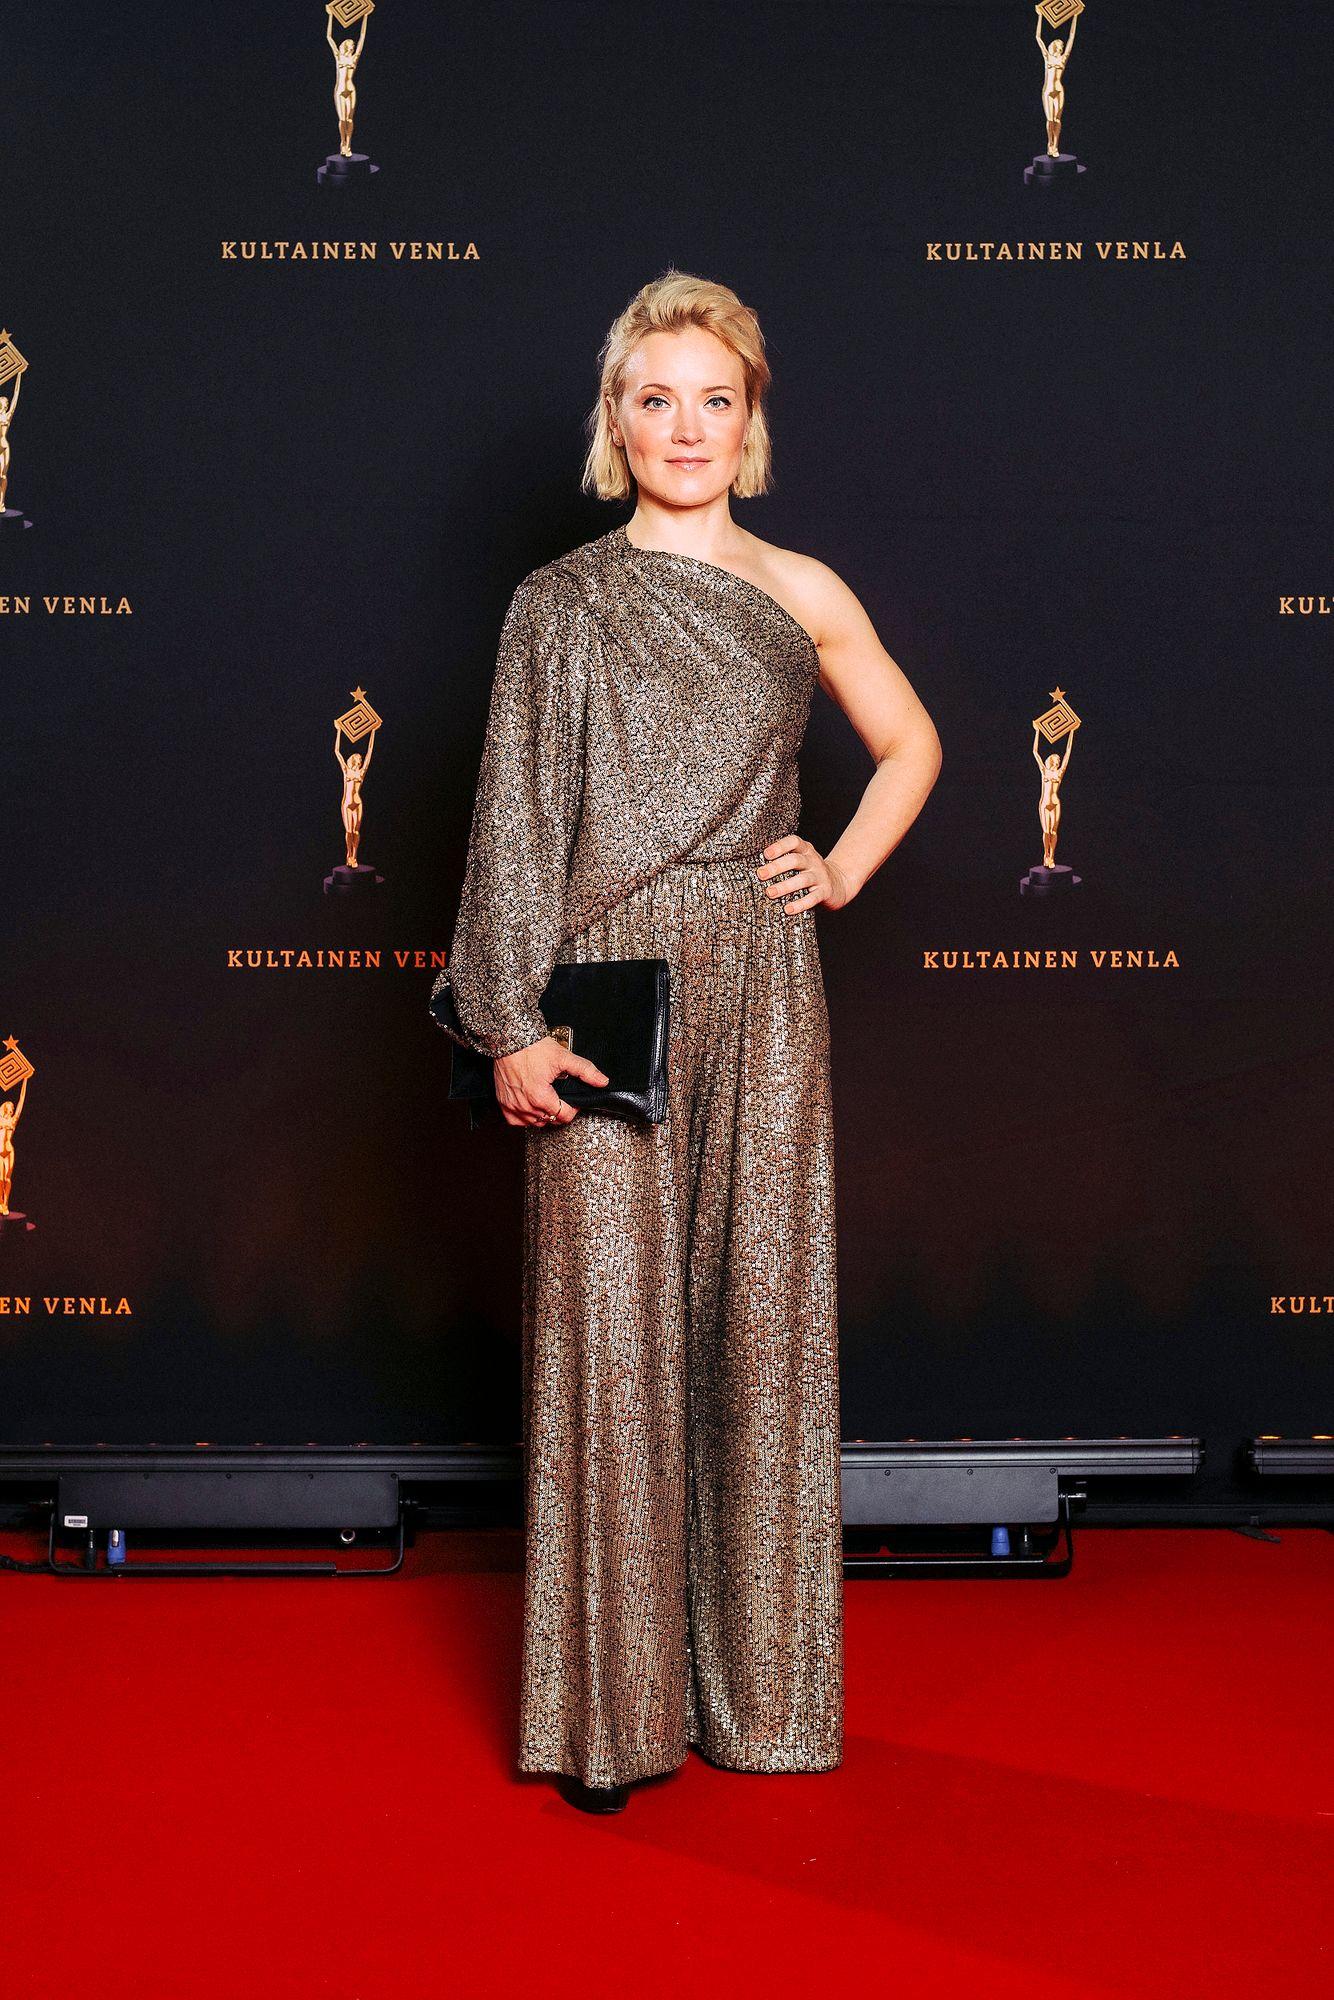 """""""Ihanaa nähdä ihmisiä! Nyt olen tehnyt Maria Kallio -sarjaa ja Kiljuset -elokuvaa"""", totesi näyttelijä Elene Leeve, jonka tähdittämä Sunnuntailounas napsi kaikkiaan kolme Venlaa. © Julius Konttinen"""